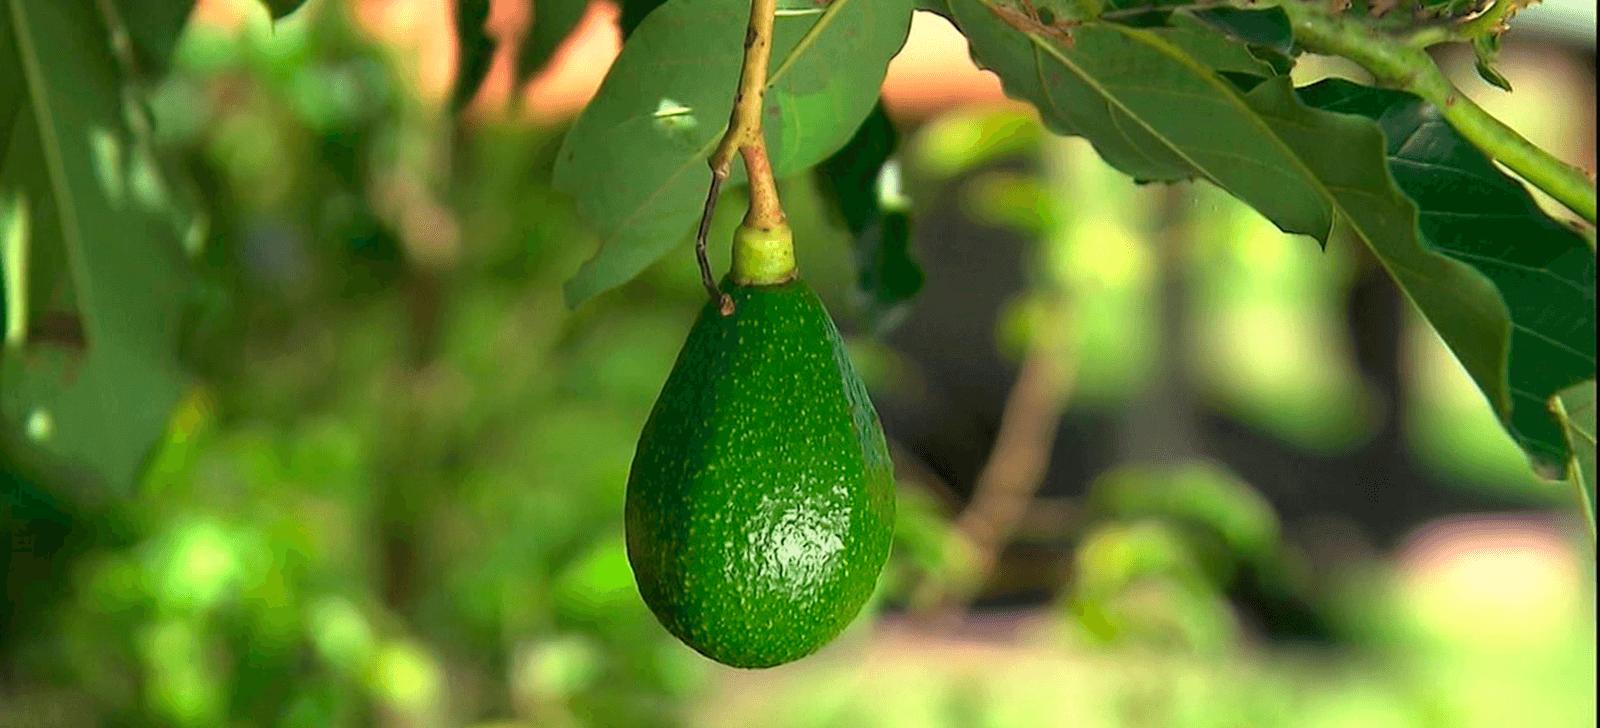 Treinamento controle biológico e alta produtividade para abacateiro